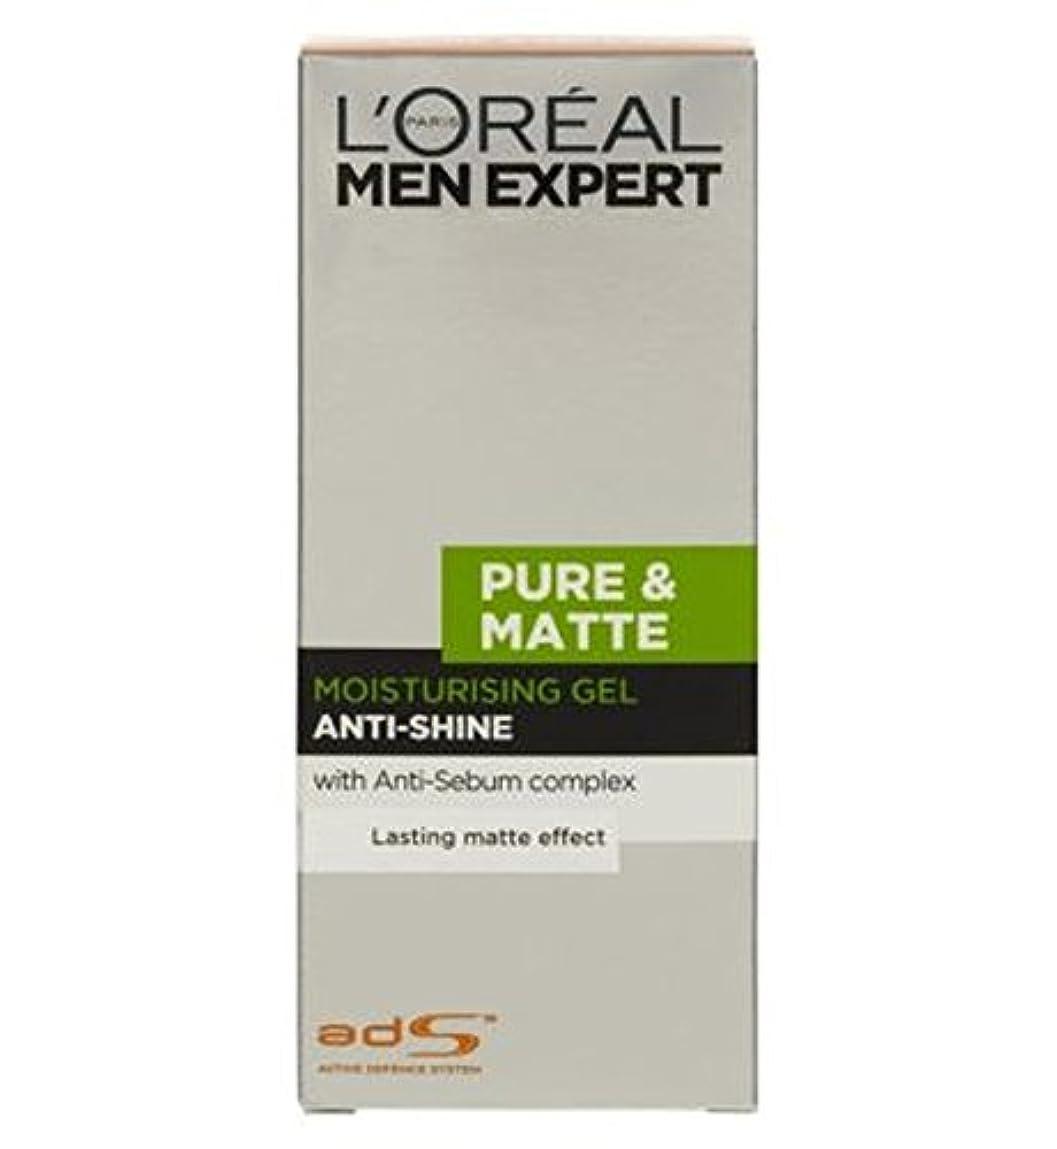 実装する訪問ぞっとするようなロレアルの男性の専門家純粋&マット抗輝き保湿ゲル50ミリリットル (L'Oreal) (x2) - L'Oreal Men Expert Pure & Matte Anti-Shine Moisturising Gel...